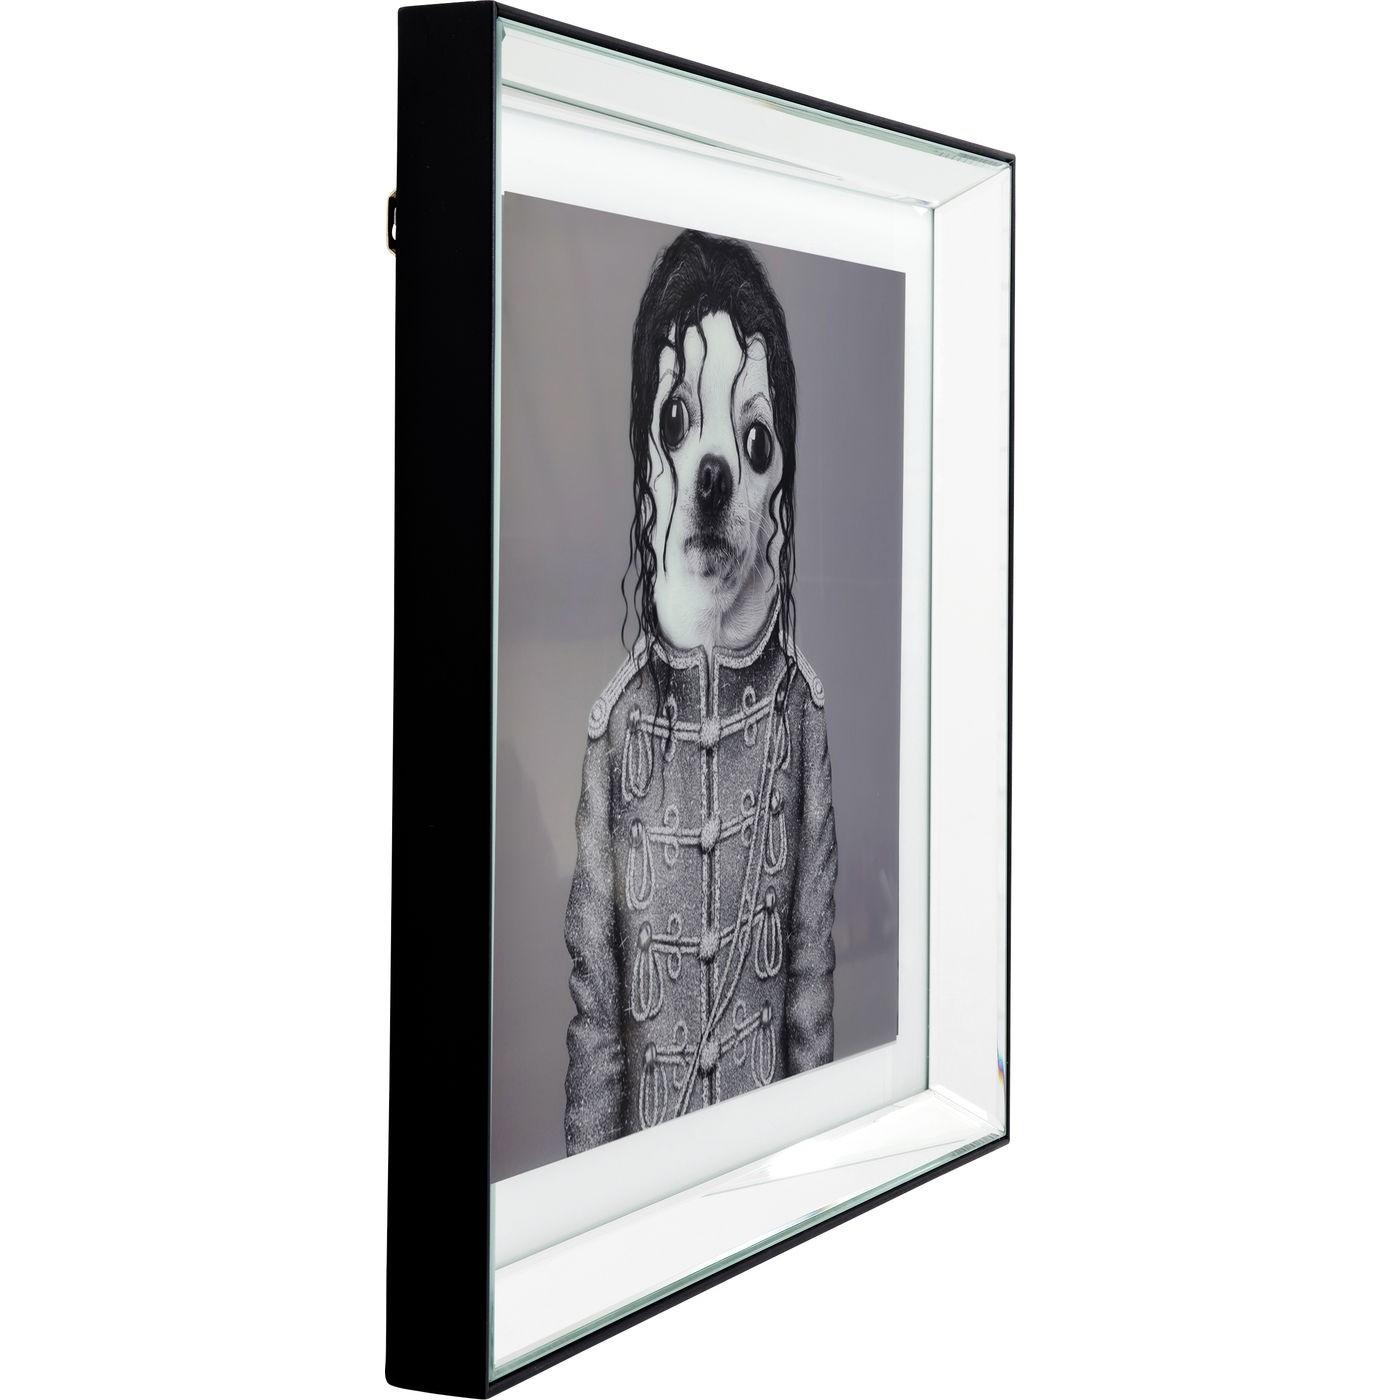 Tableau Frame miroir chien chanteur 60x60cm Kare Design